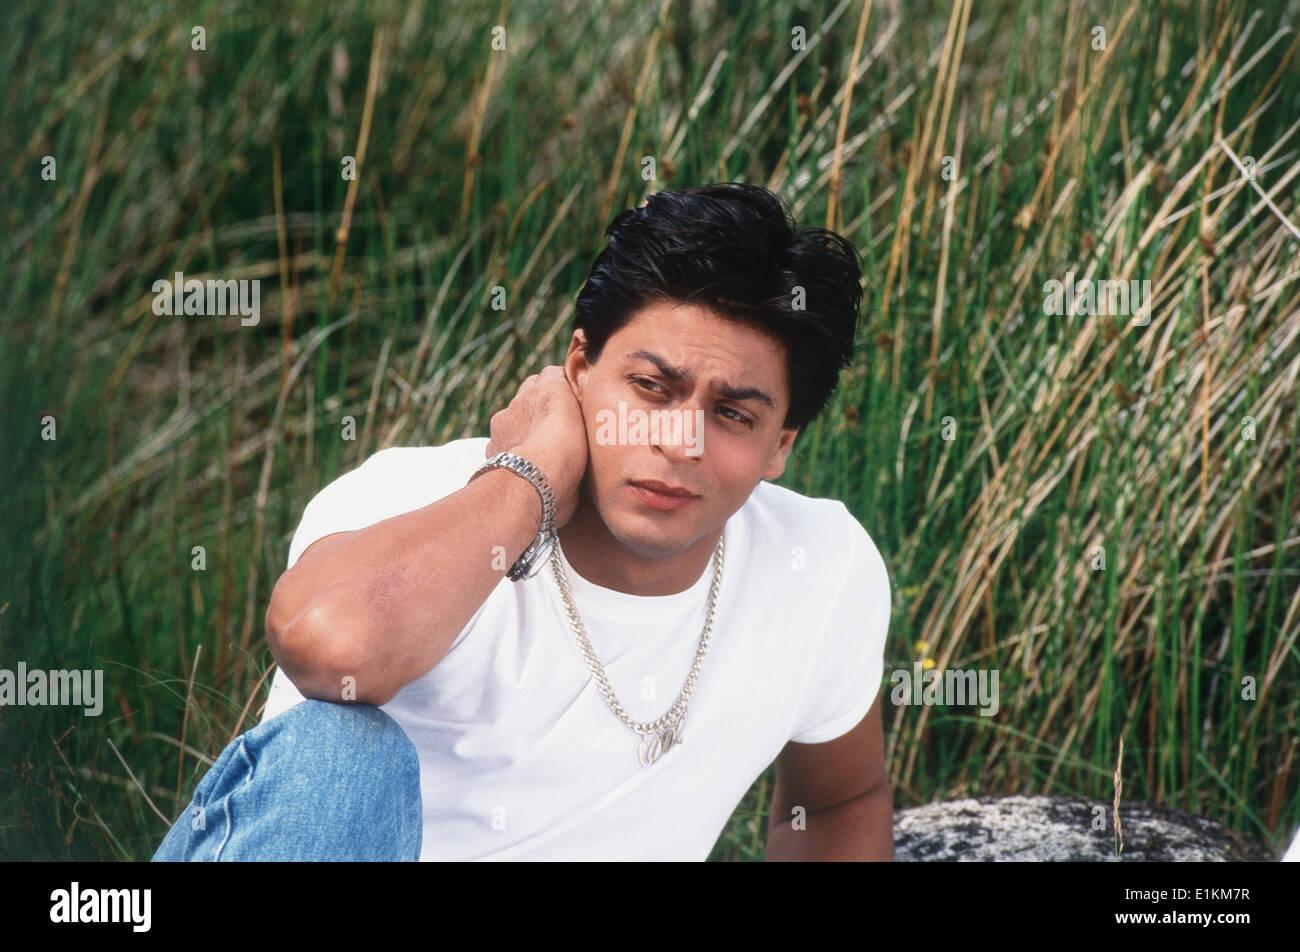 Shahrukh Khan in movie Kuch Kuch Hota Hai Indian bollywood ...Shahrukh Khan Daughter In Kuch Kuch Hota Hai